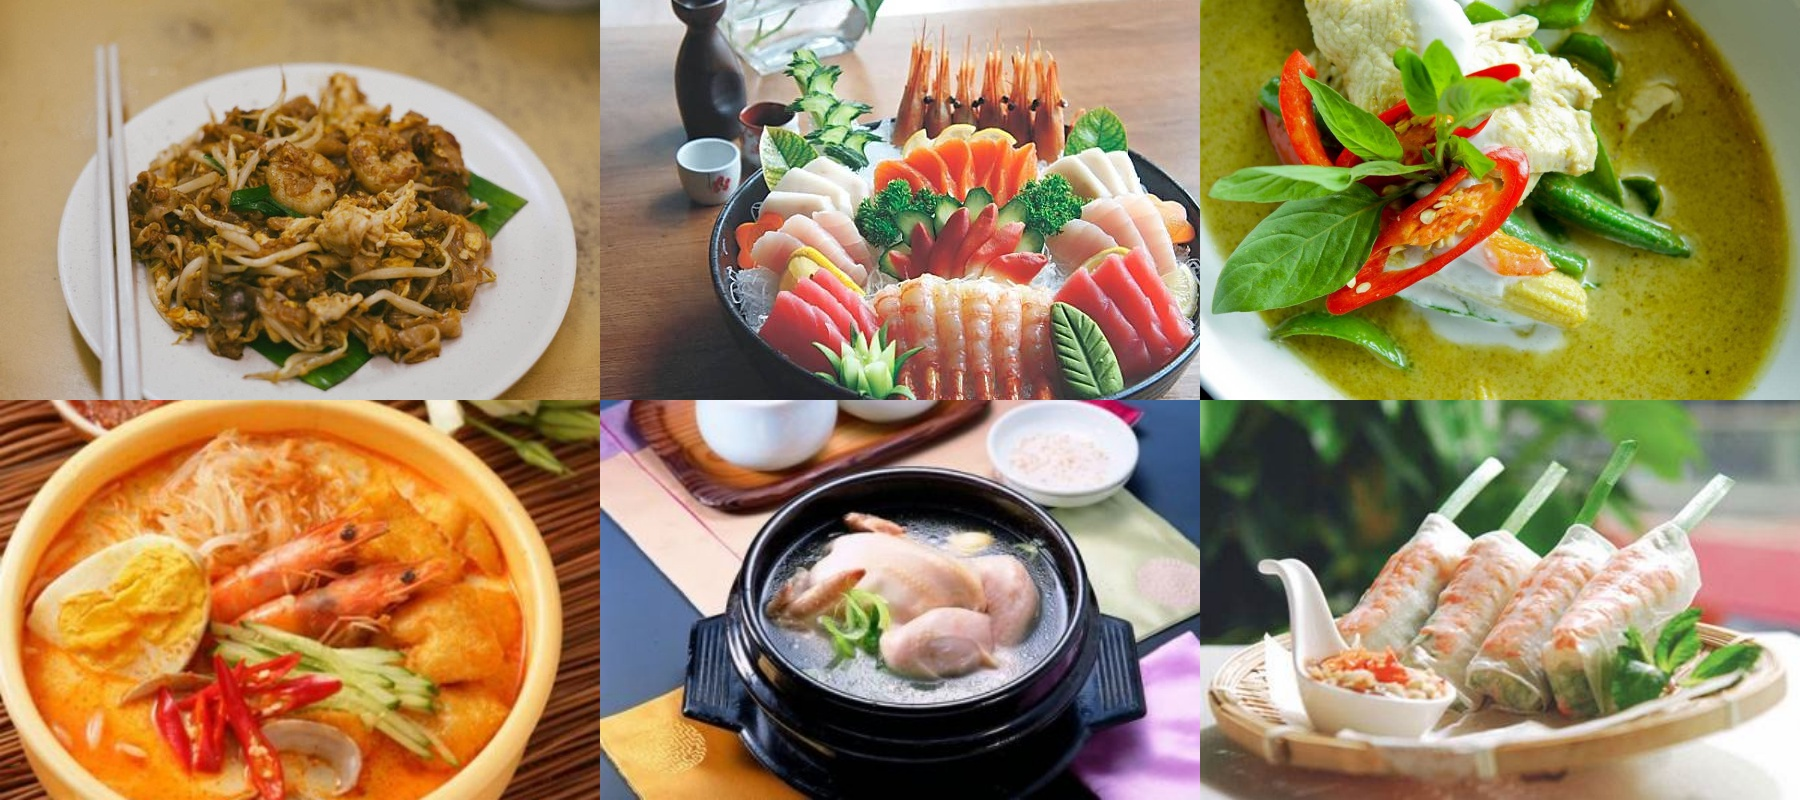 蚵仔肥肠面,金刚火方,手抓饭,烩乌鱼蛋,烧鹅,锅包肉,素鹅图片